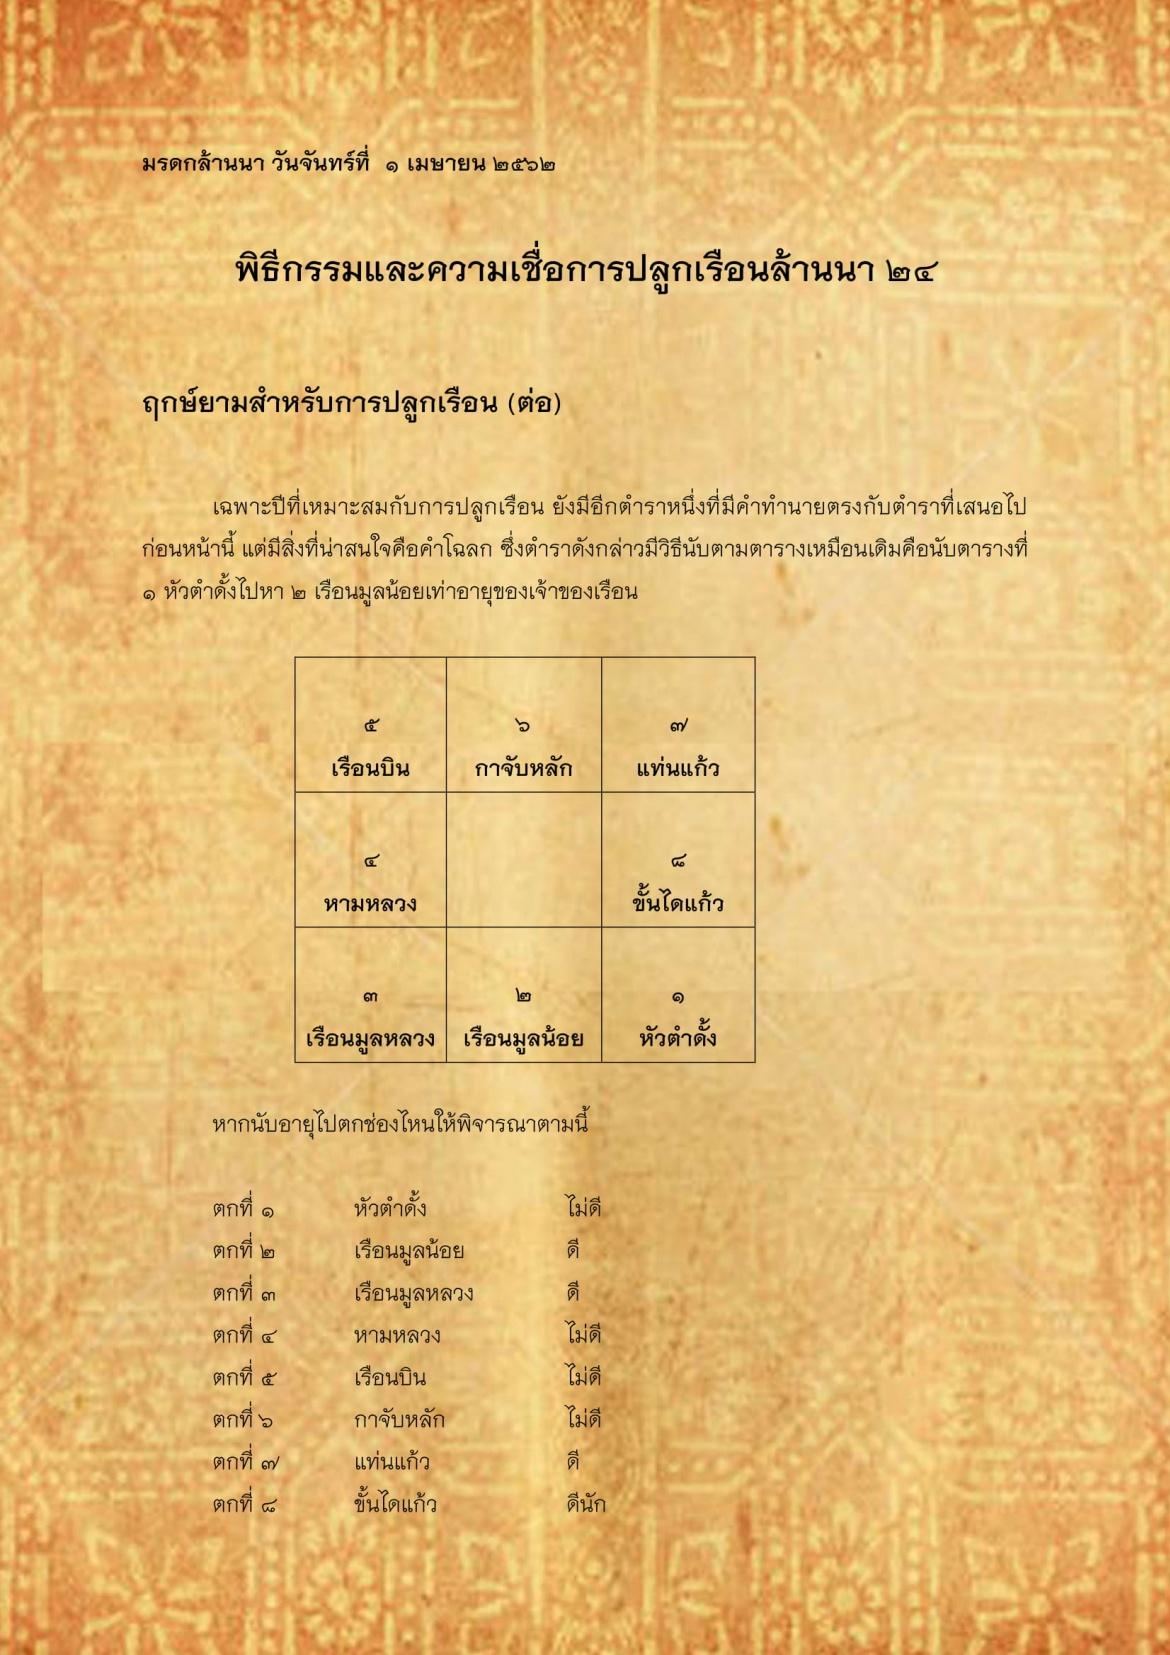 พิธีกรรมเเละความเชื่อการปลูกเรือนล้านนา(24) - 1 เมษายน 2562